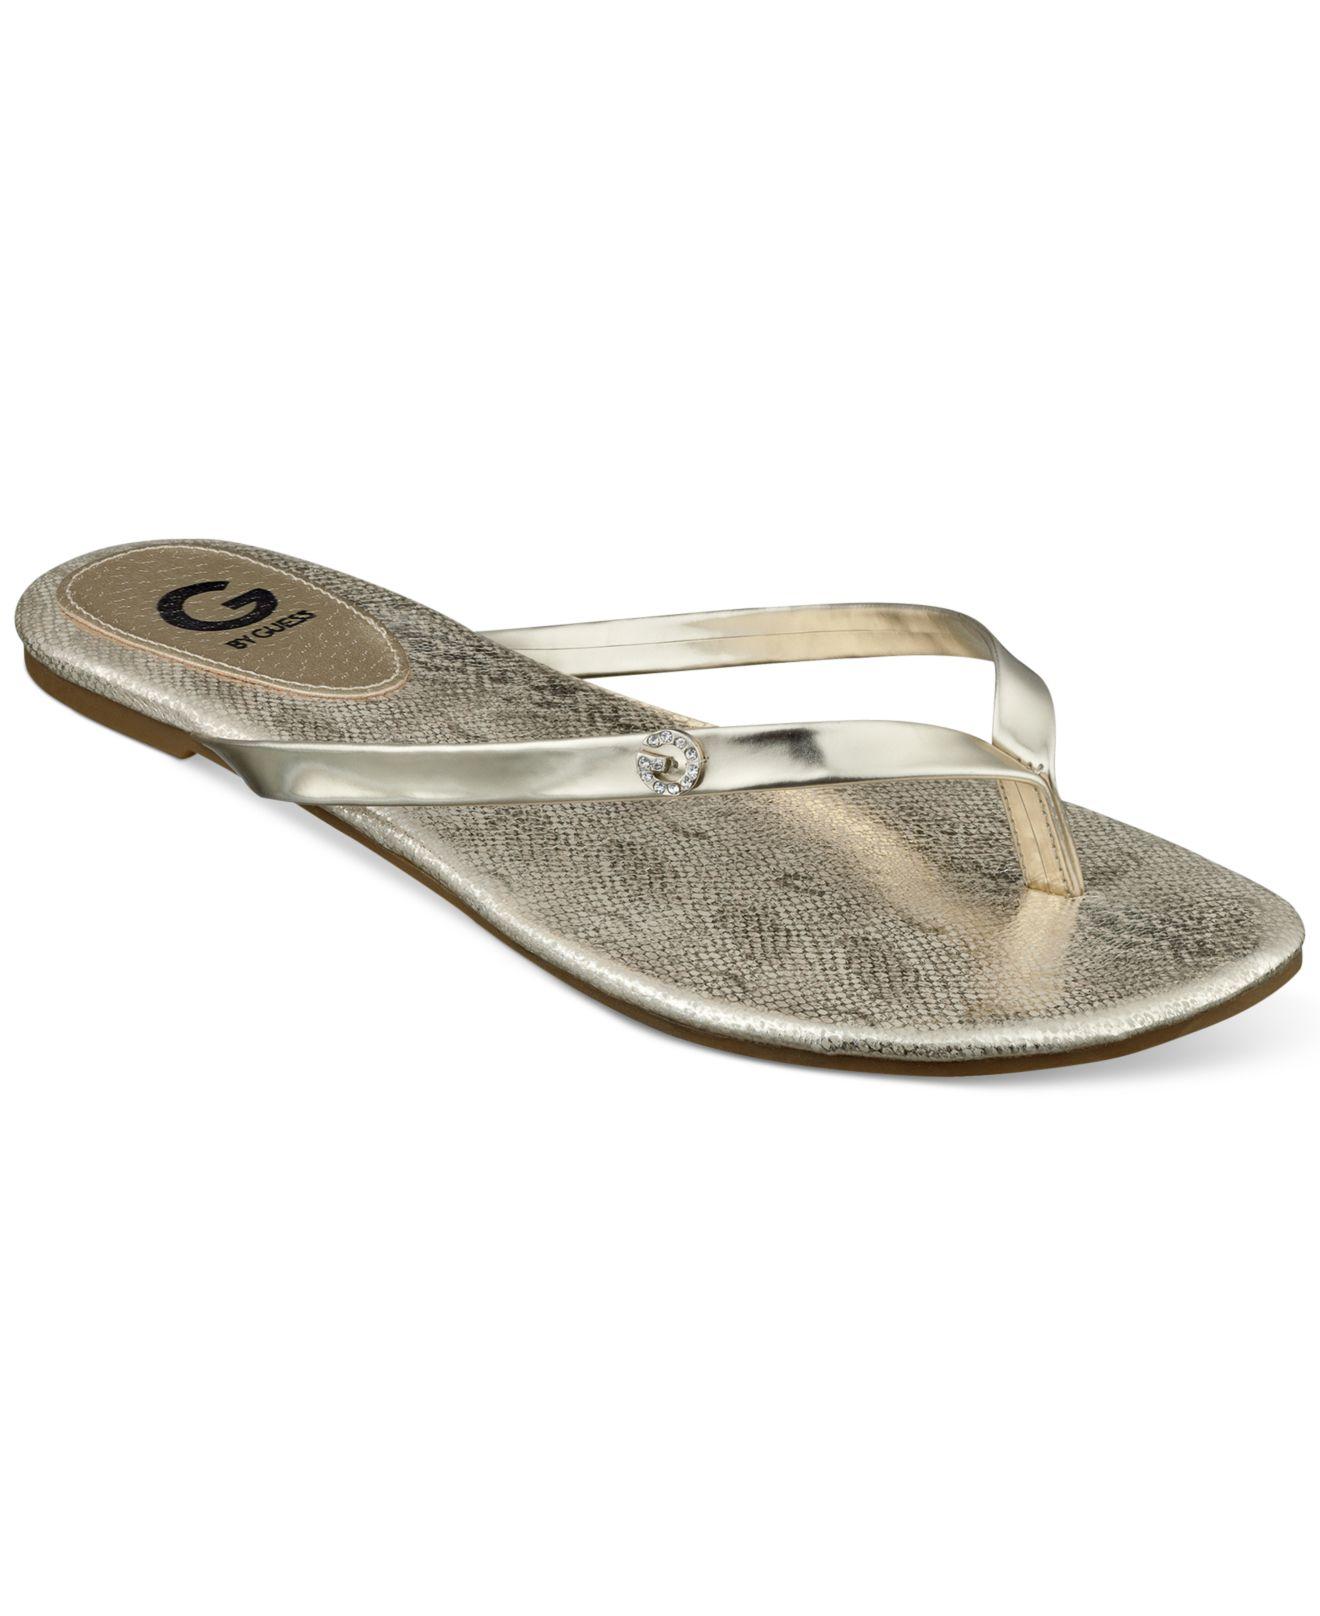 G By Guess Womens Bayla Flip Flops In Metallic  Lyst-8174